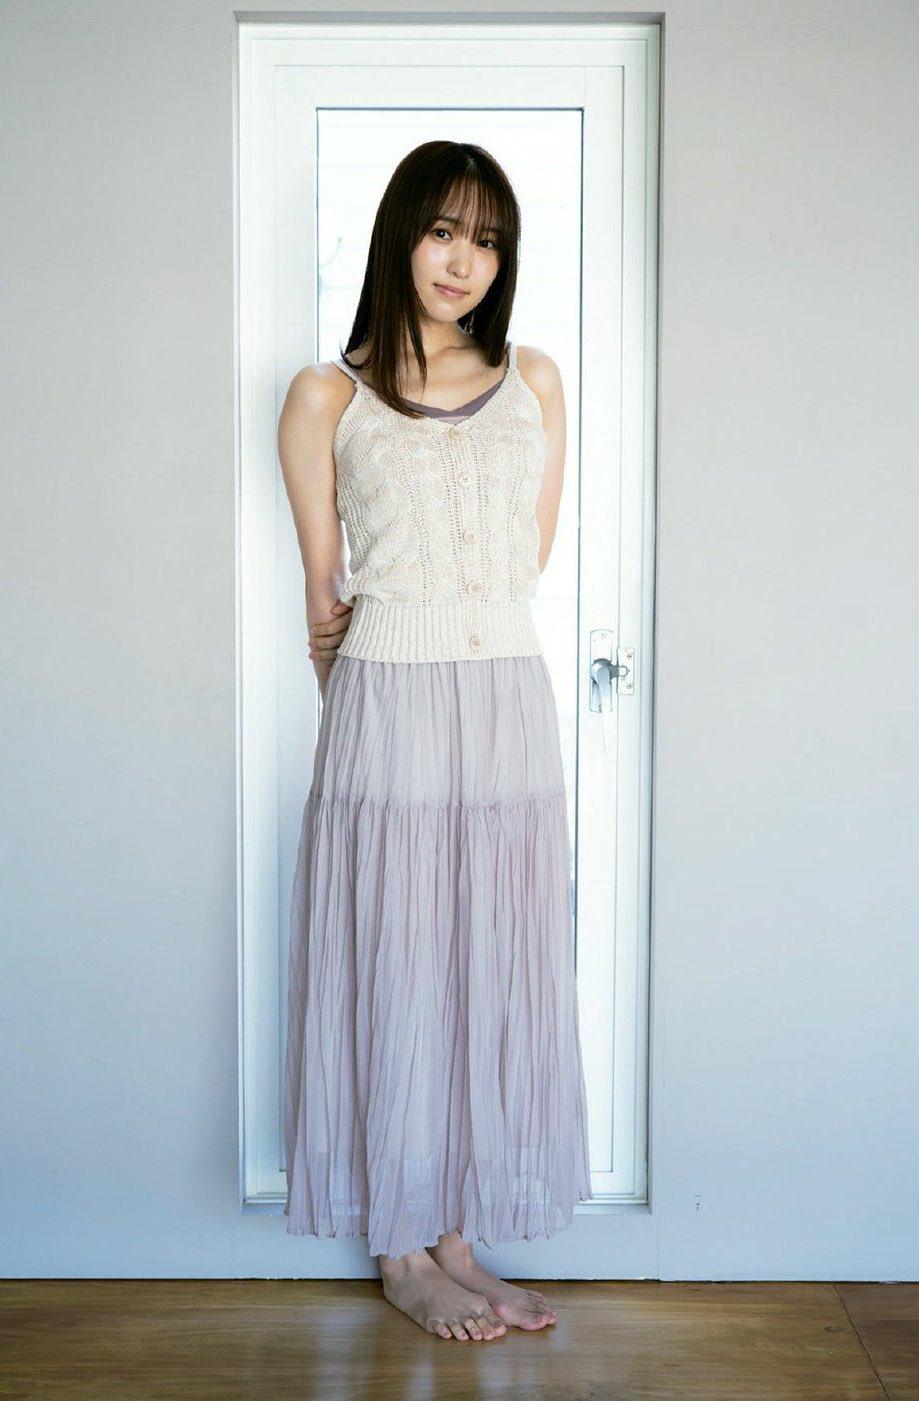 菅井友香 白のキャミソール アイボリーのロングスカート 印刷予定